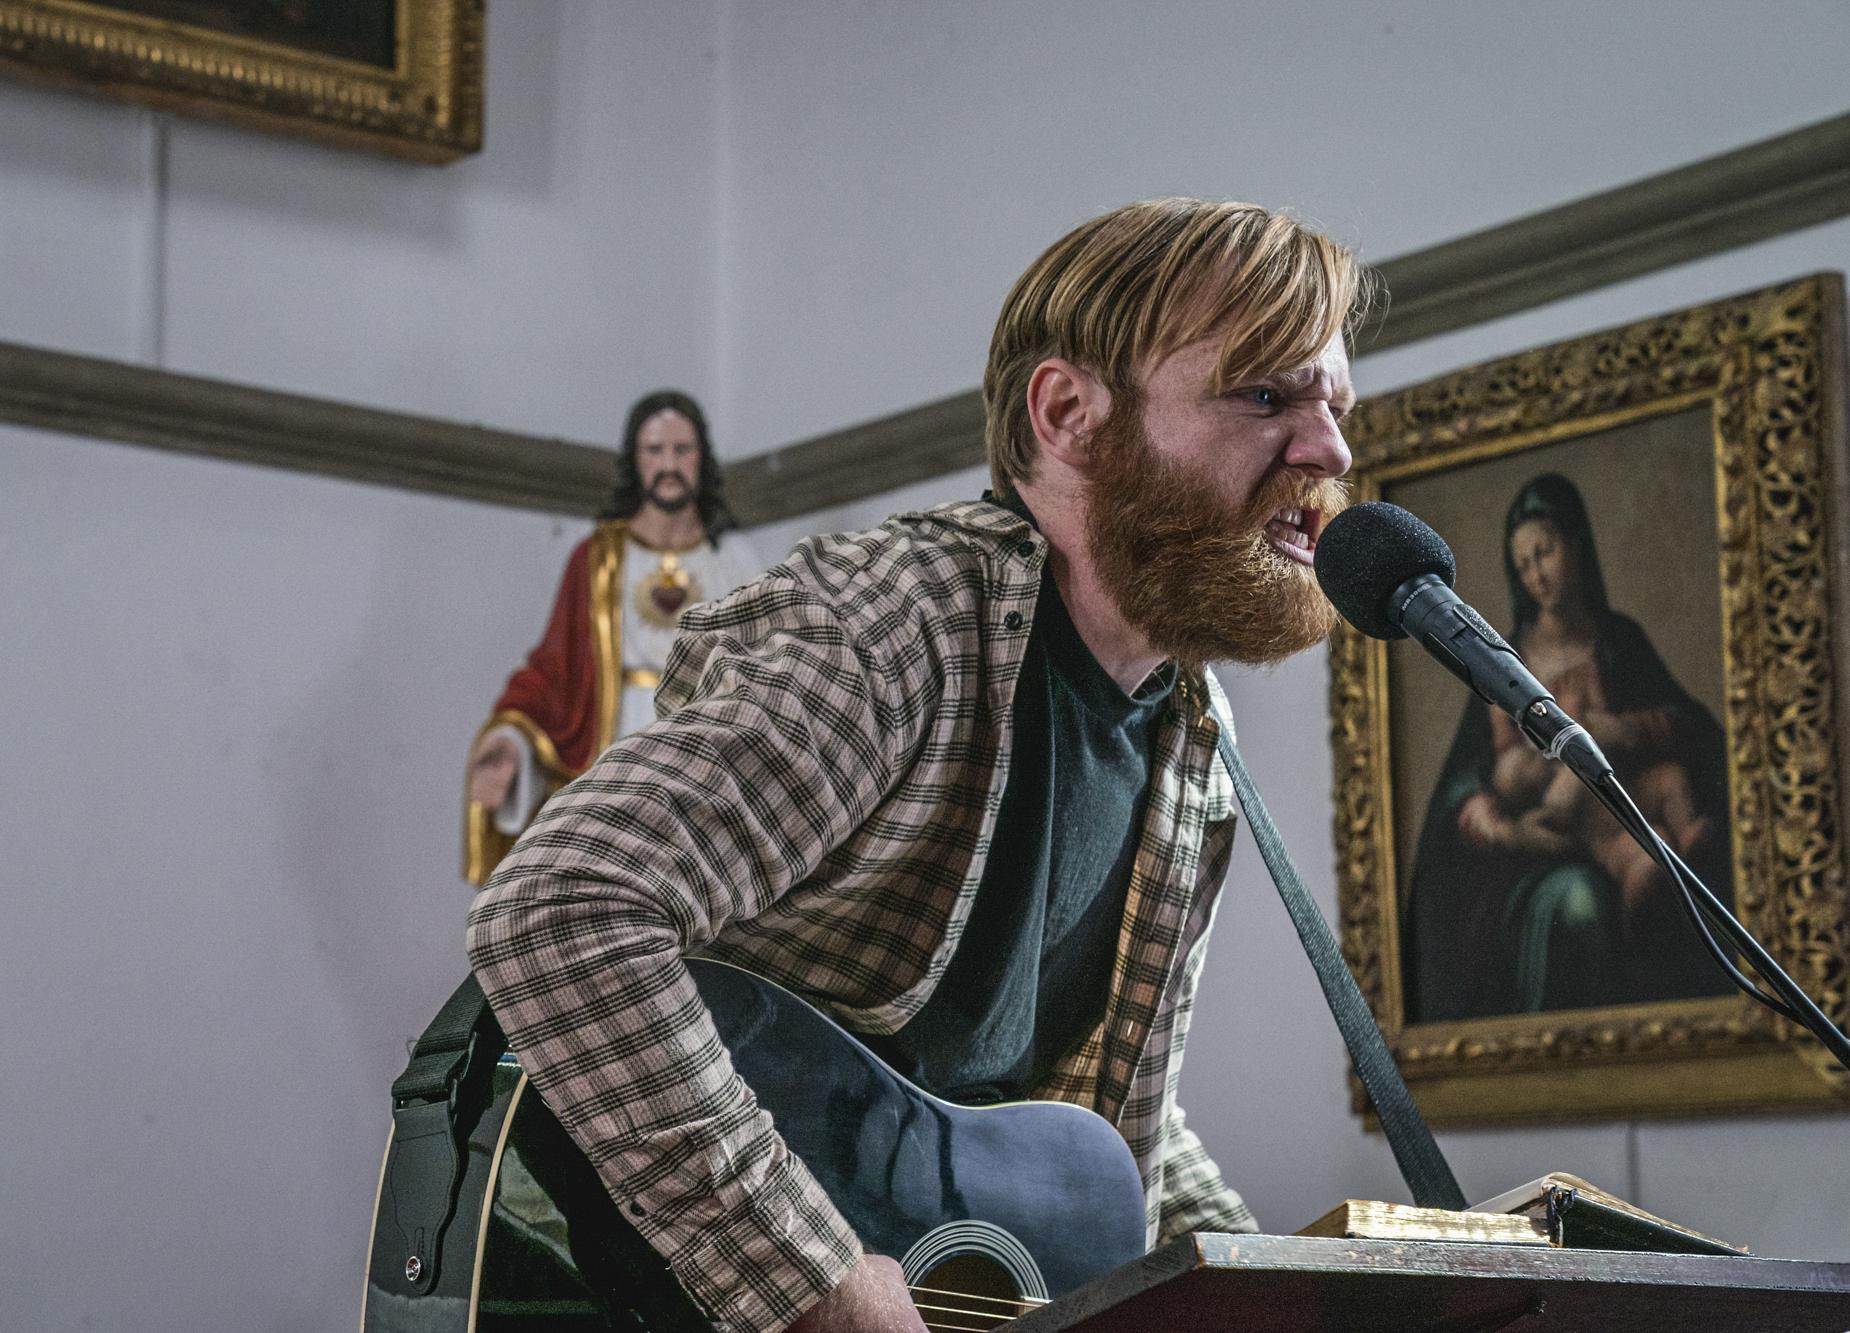 Brian Gleeson dans le rôle de Frank, musicien paresseux, dans Frank of Ireland.